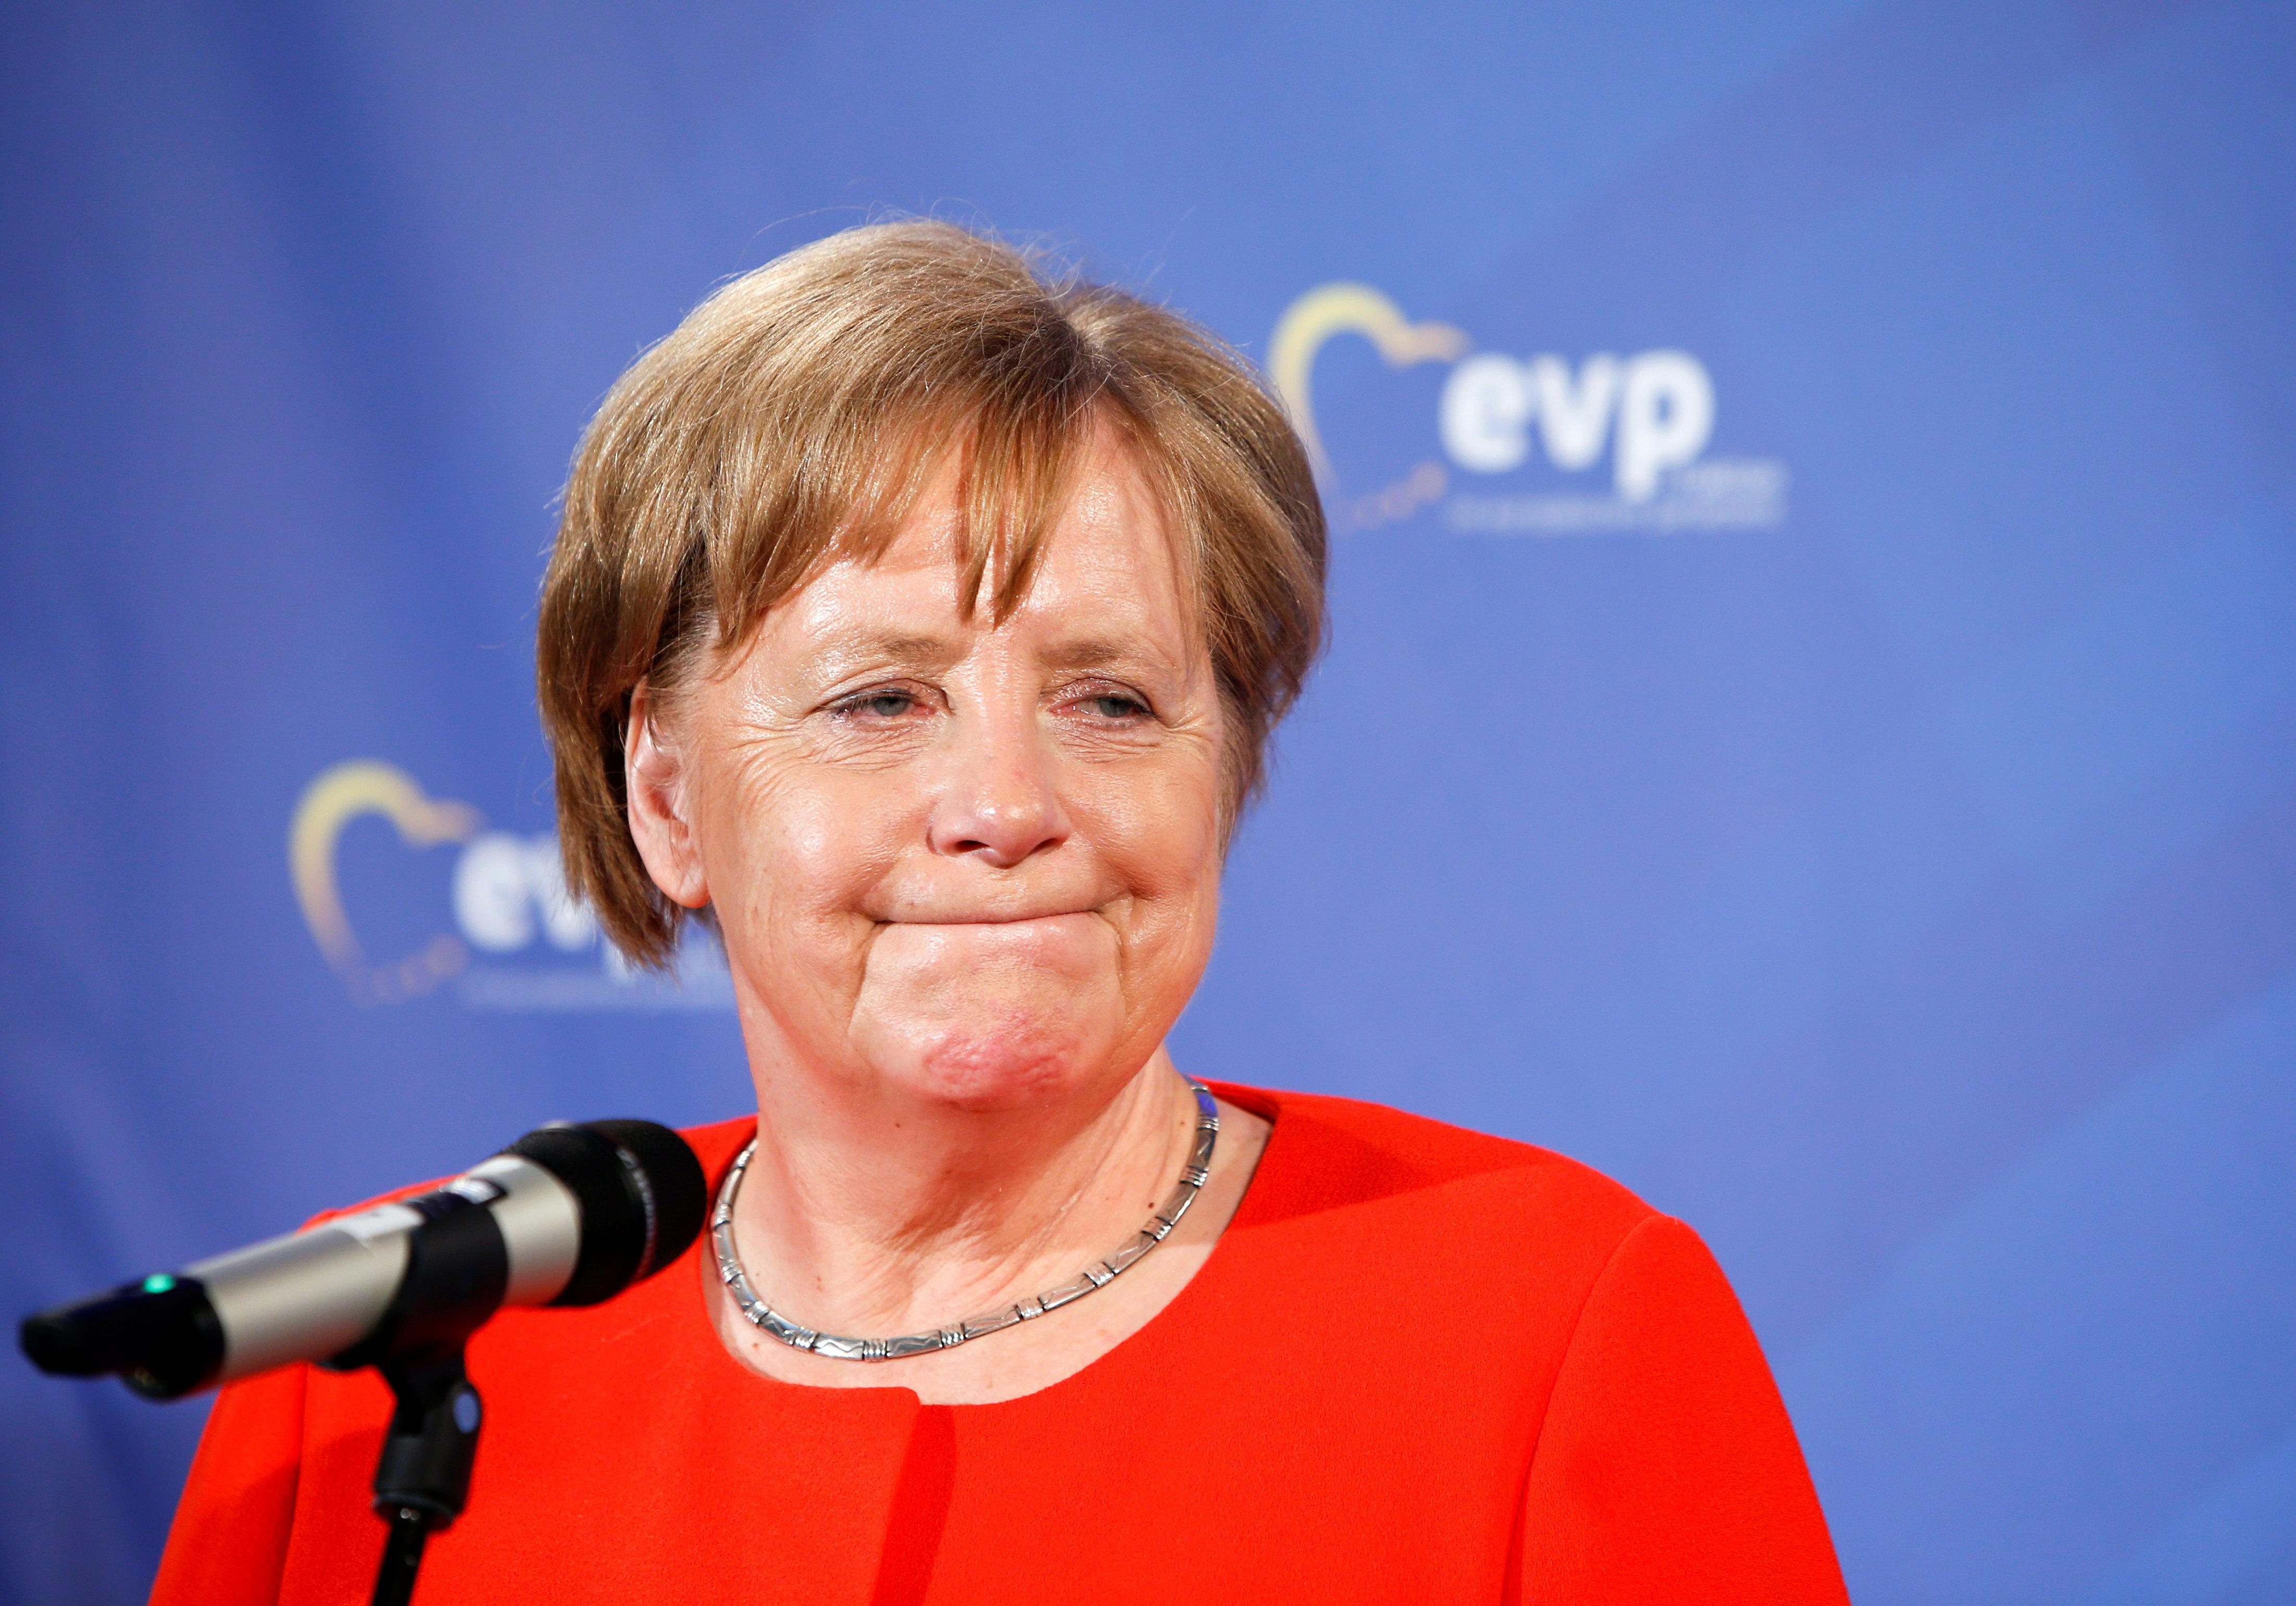 Τελεσίγραφο στη Μέρκελ για το μεταναστευτικό αναμένεται να δώσει σήμερα το CSU, γράφει η